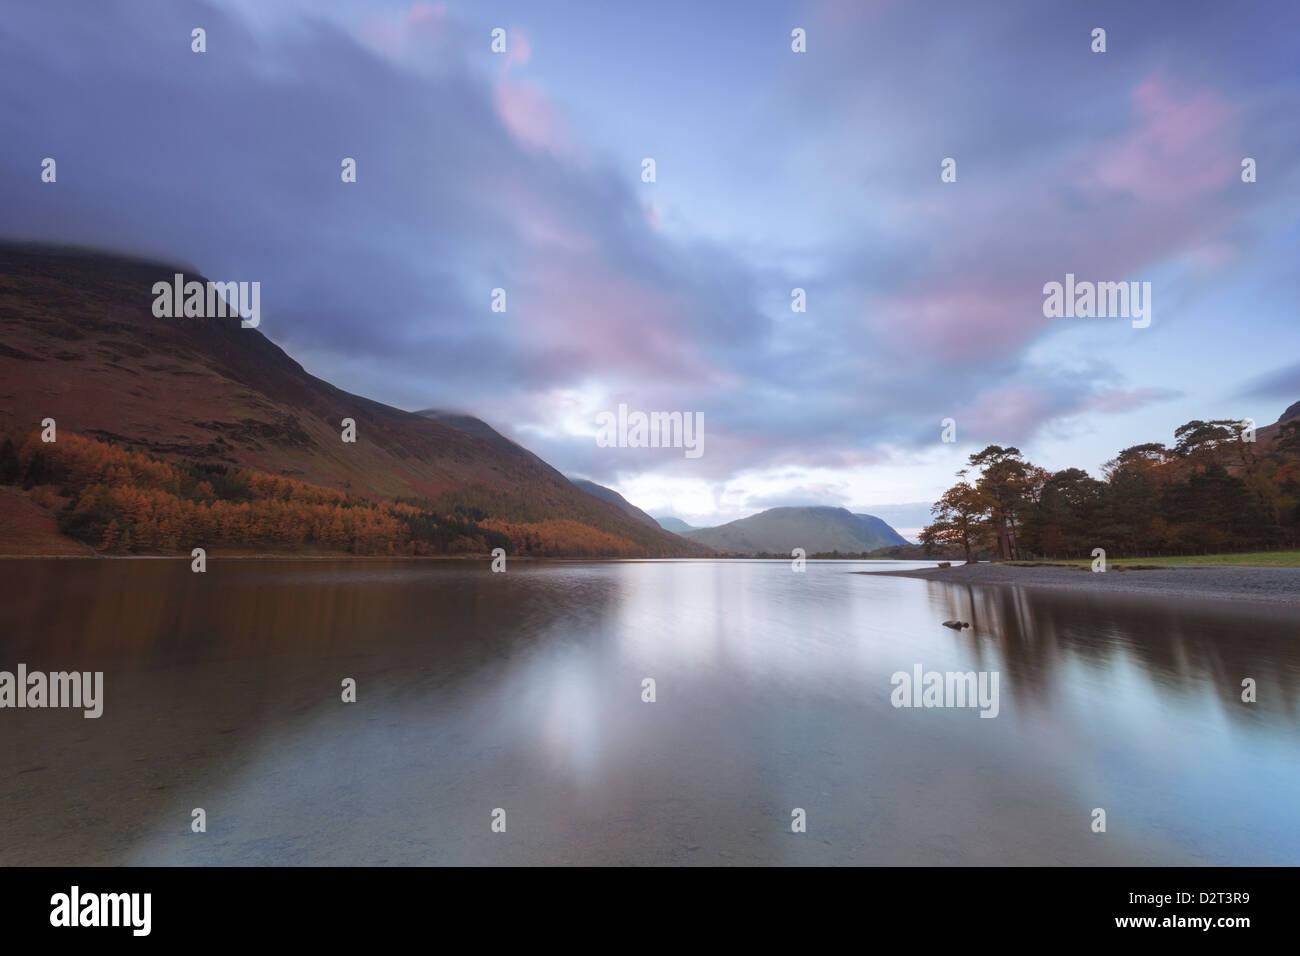 Buttermere al crepuscolo, Parco Nazionale del Distretto dei Laghi, Cumbria, England, Regno Unito, Europa Immagini Stock